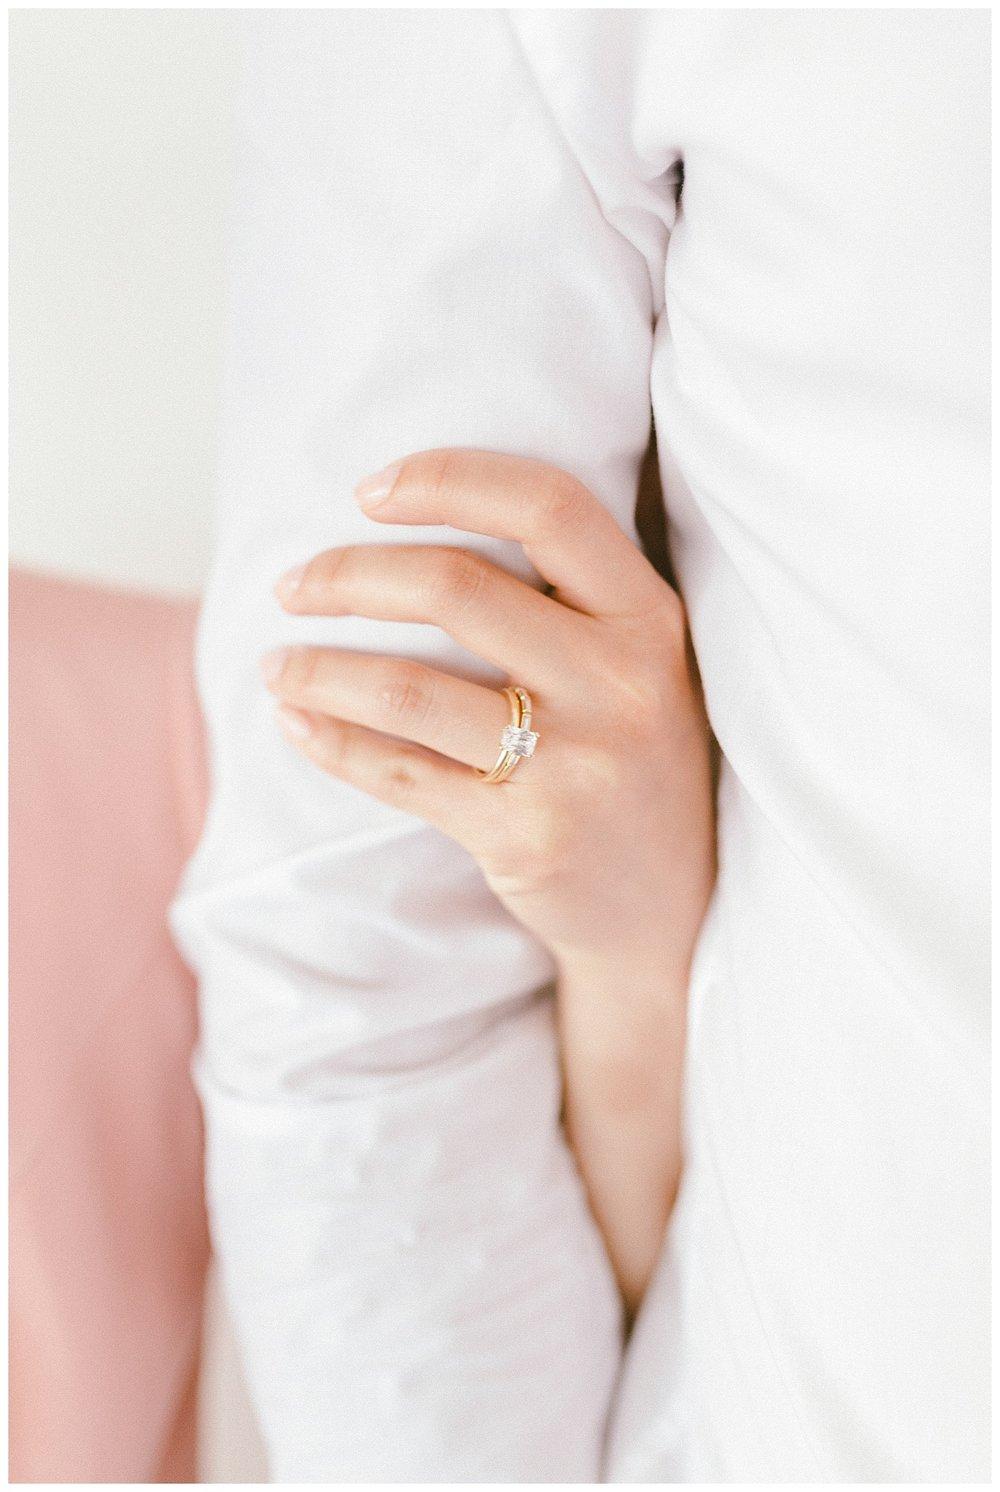 Hong Kong Fine Art Wedding Prewedding Photographer 00031.jpg